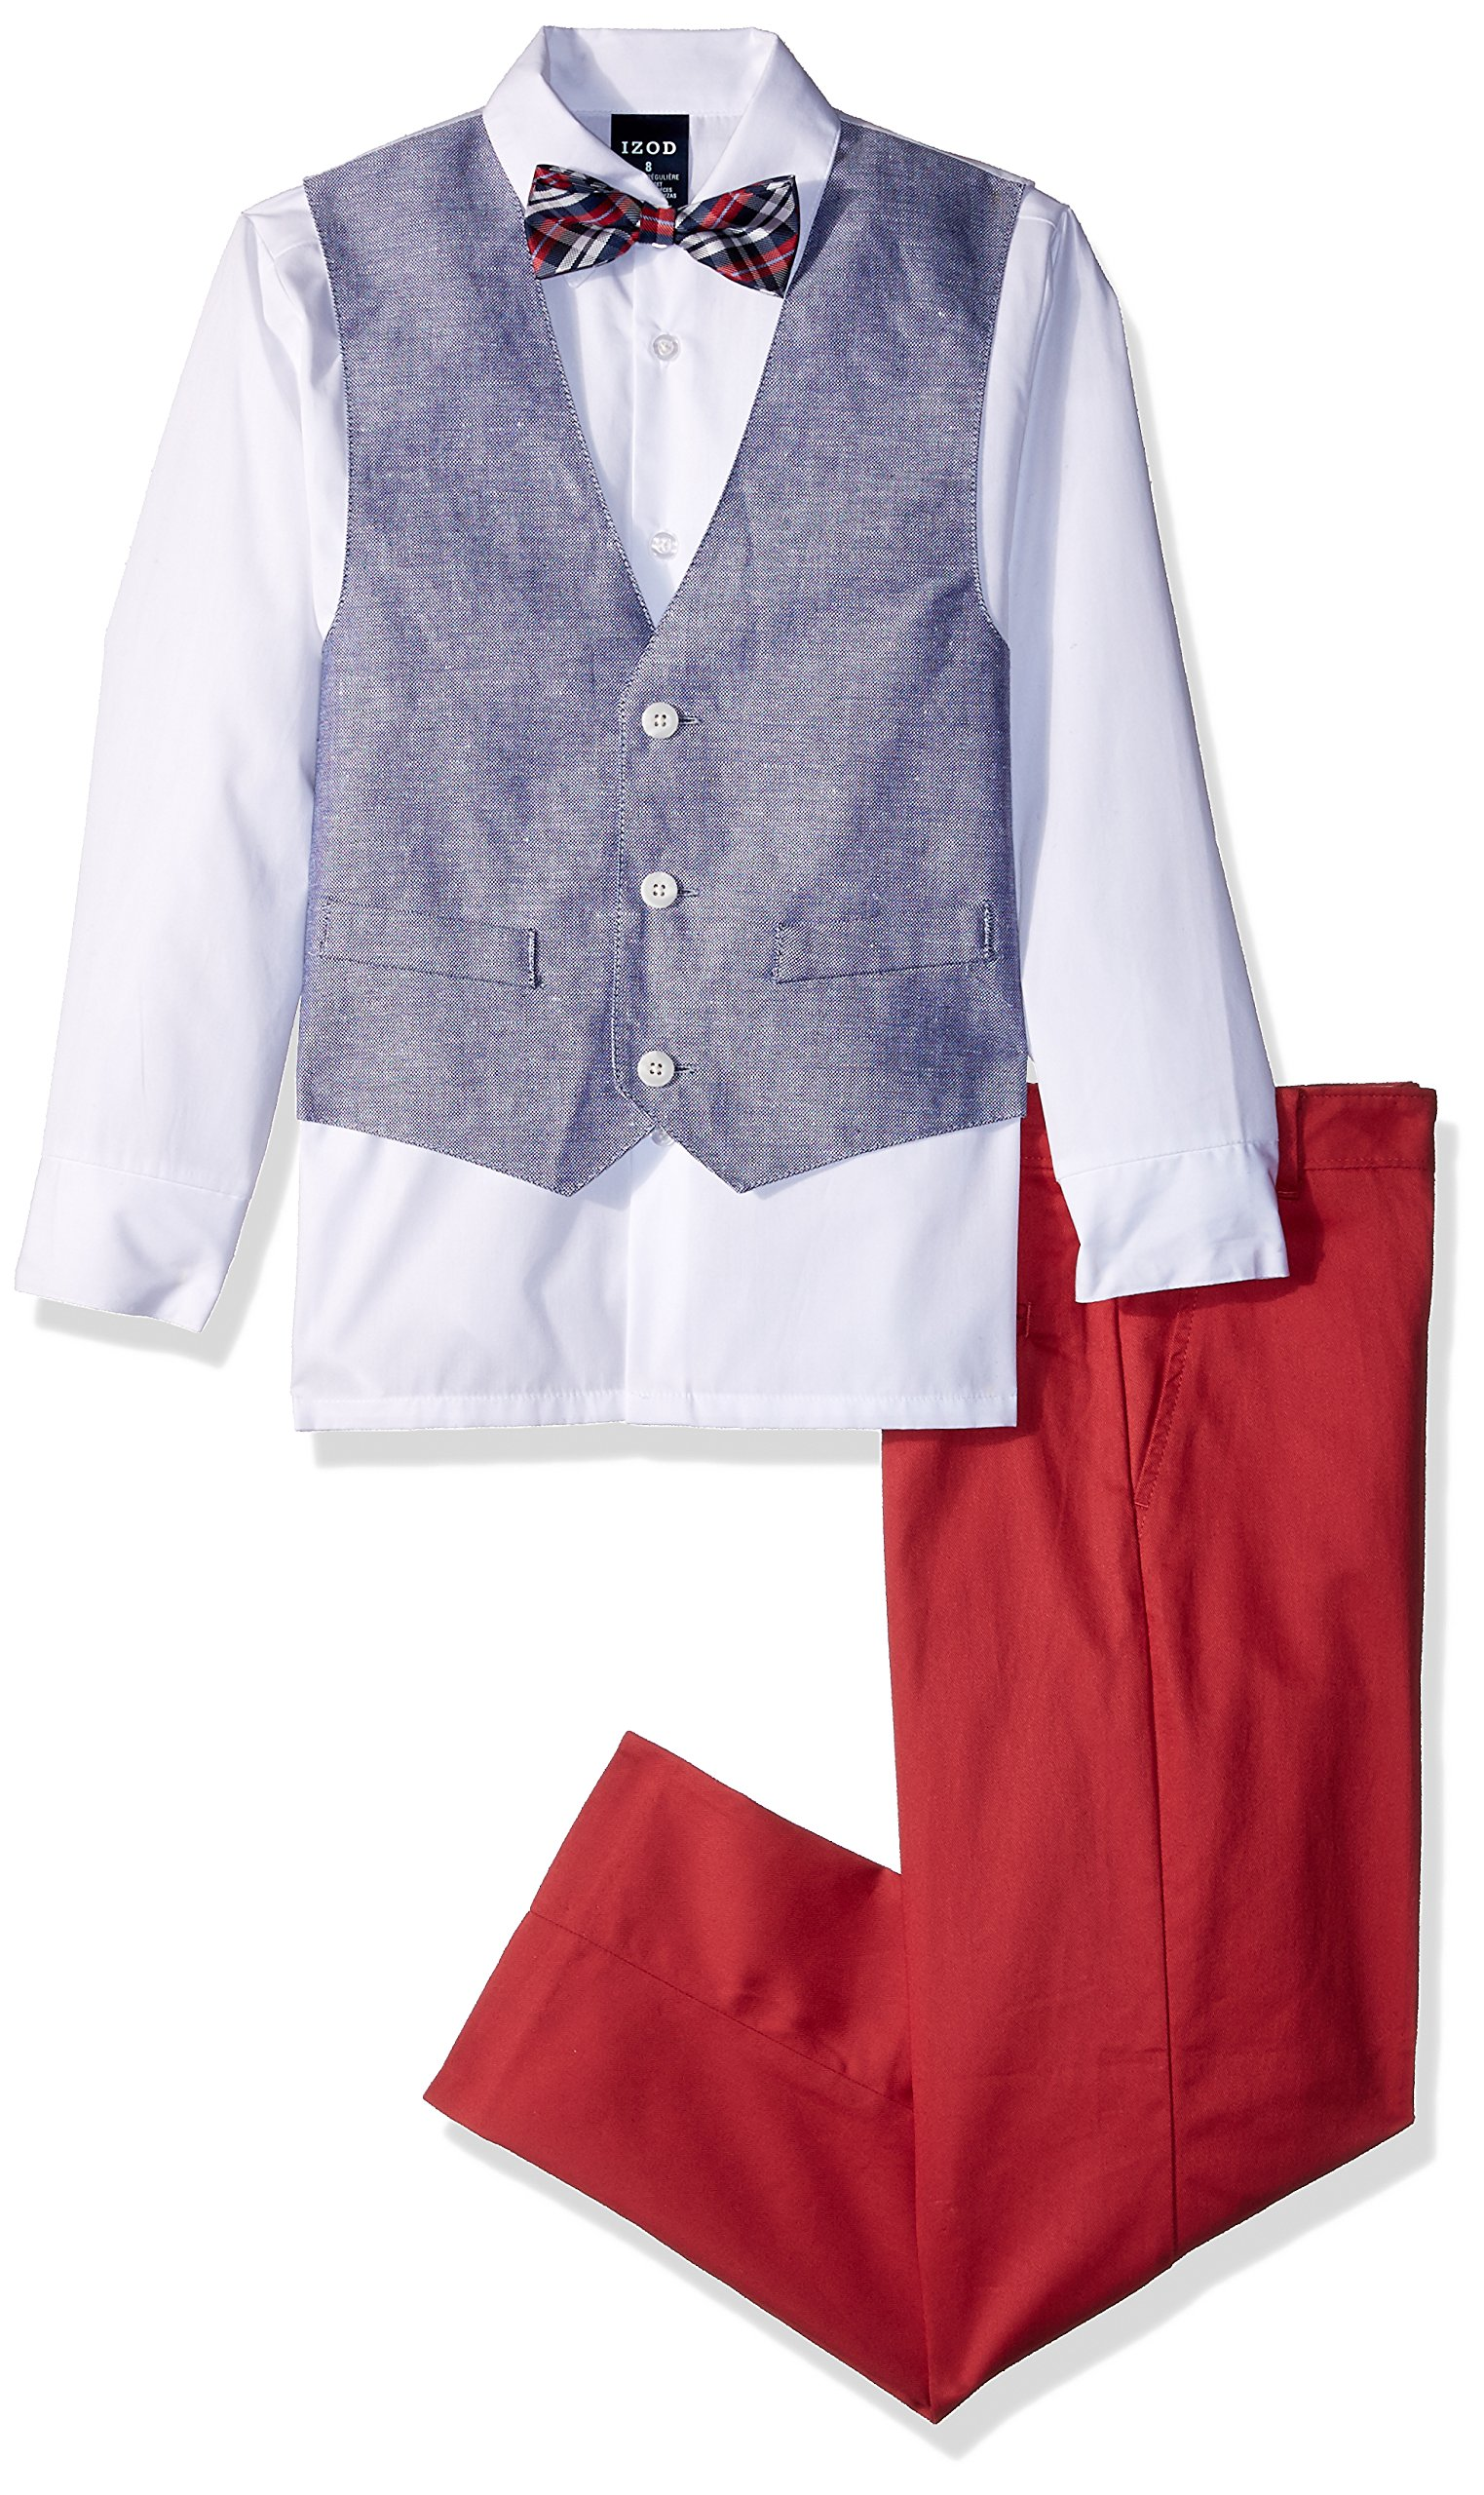 Izod boys 4-Piece Vest Set with Dress Shirt, Bow Tie, Pants, and Vest, Bubble Gum, 8